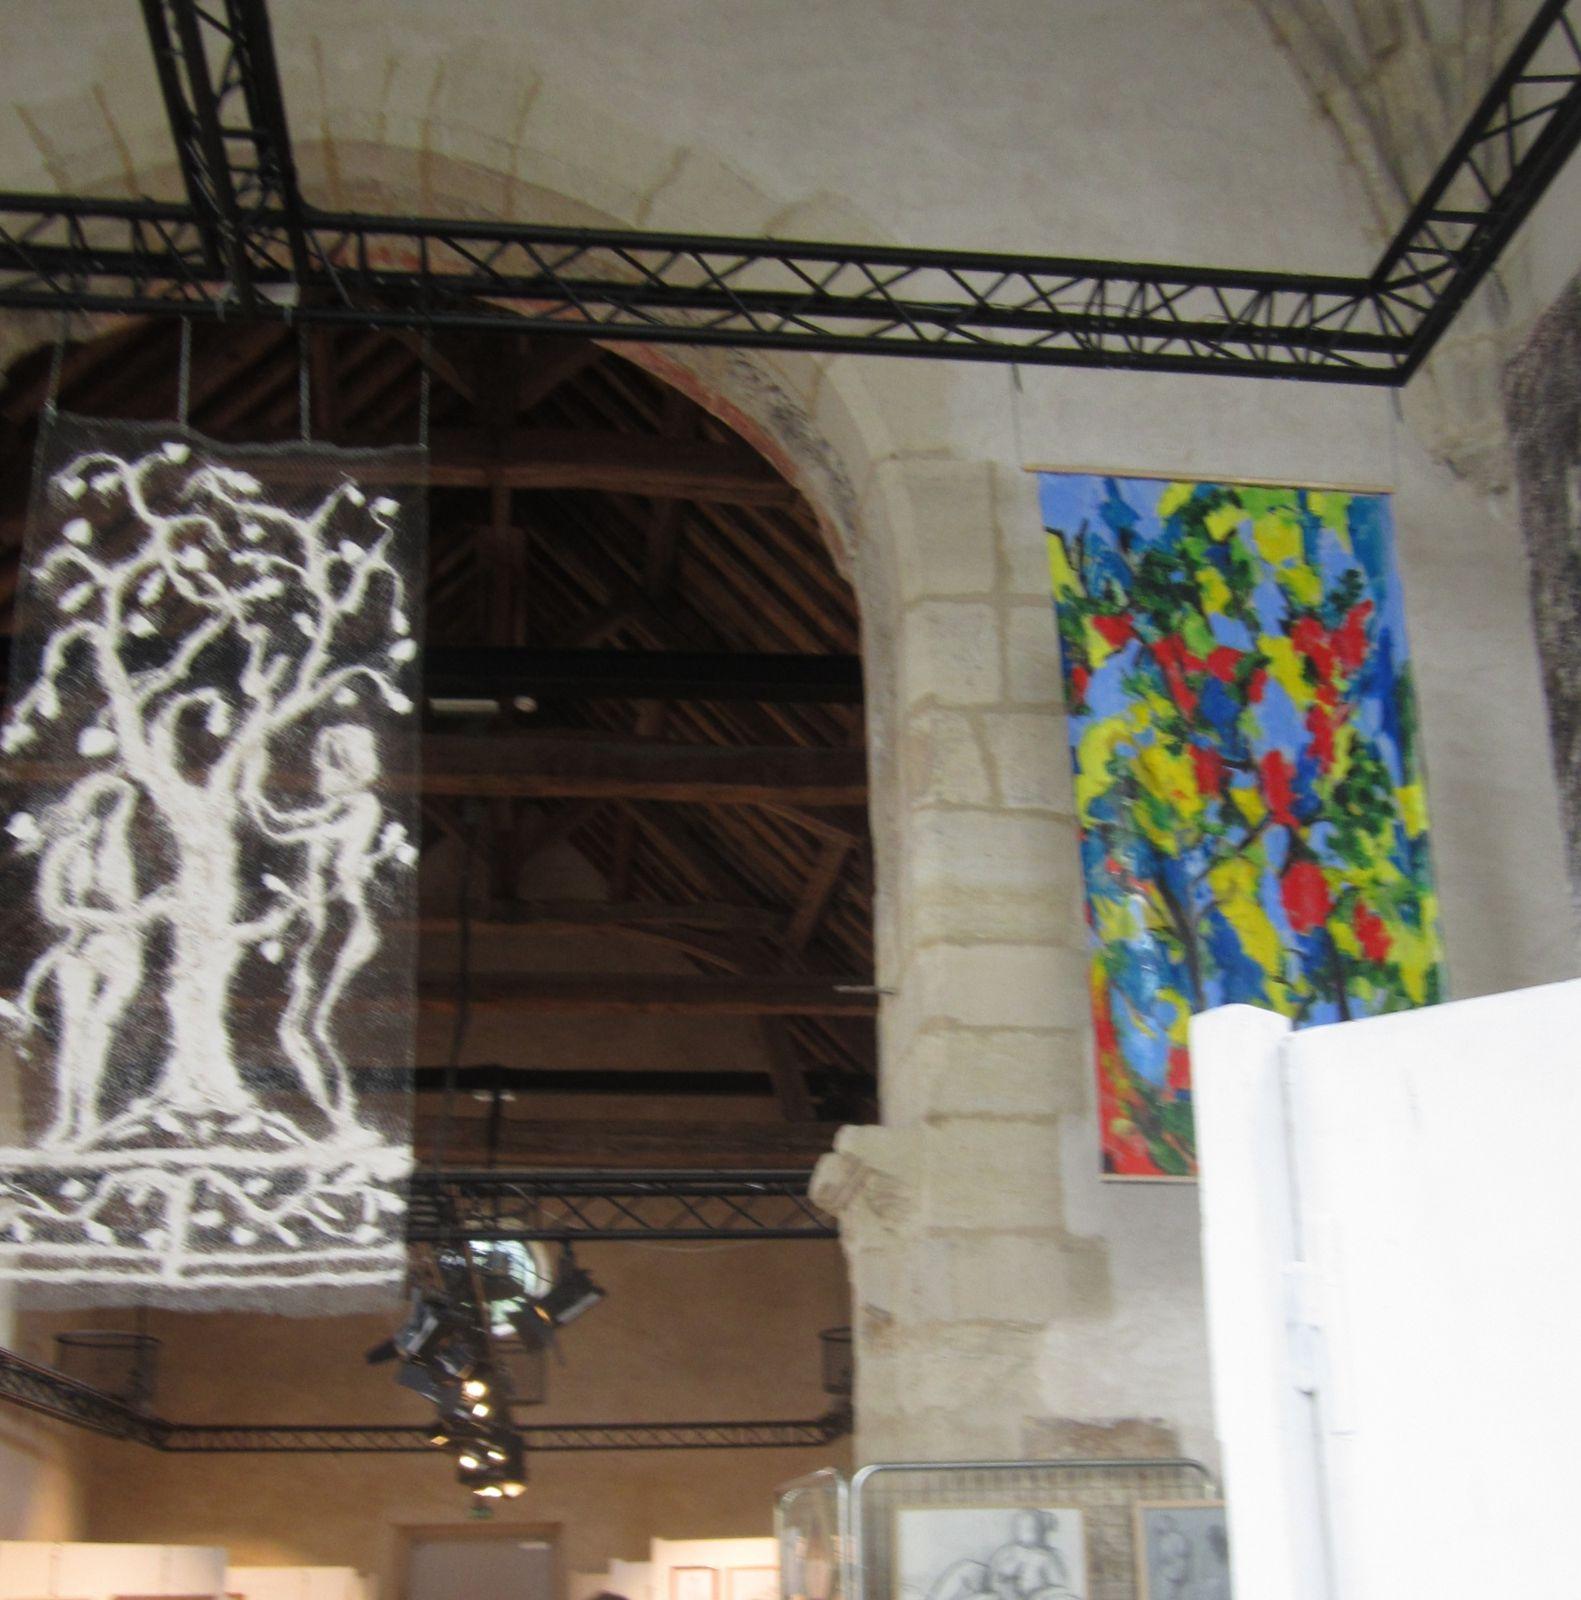 Une belle exposition des oeuvres des élèves de l'Amicale Artistique de Chelles a cloturé les Journées du Patrimoine.